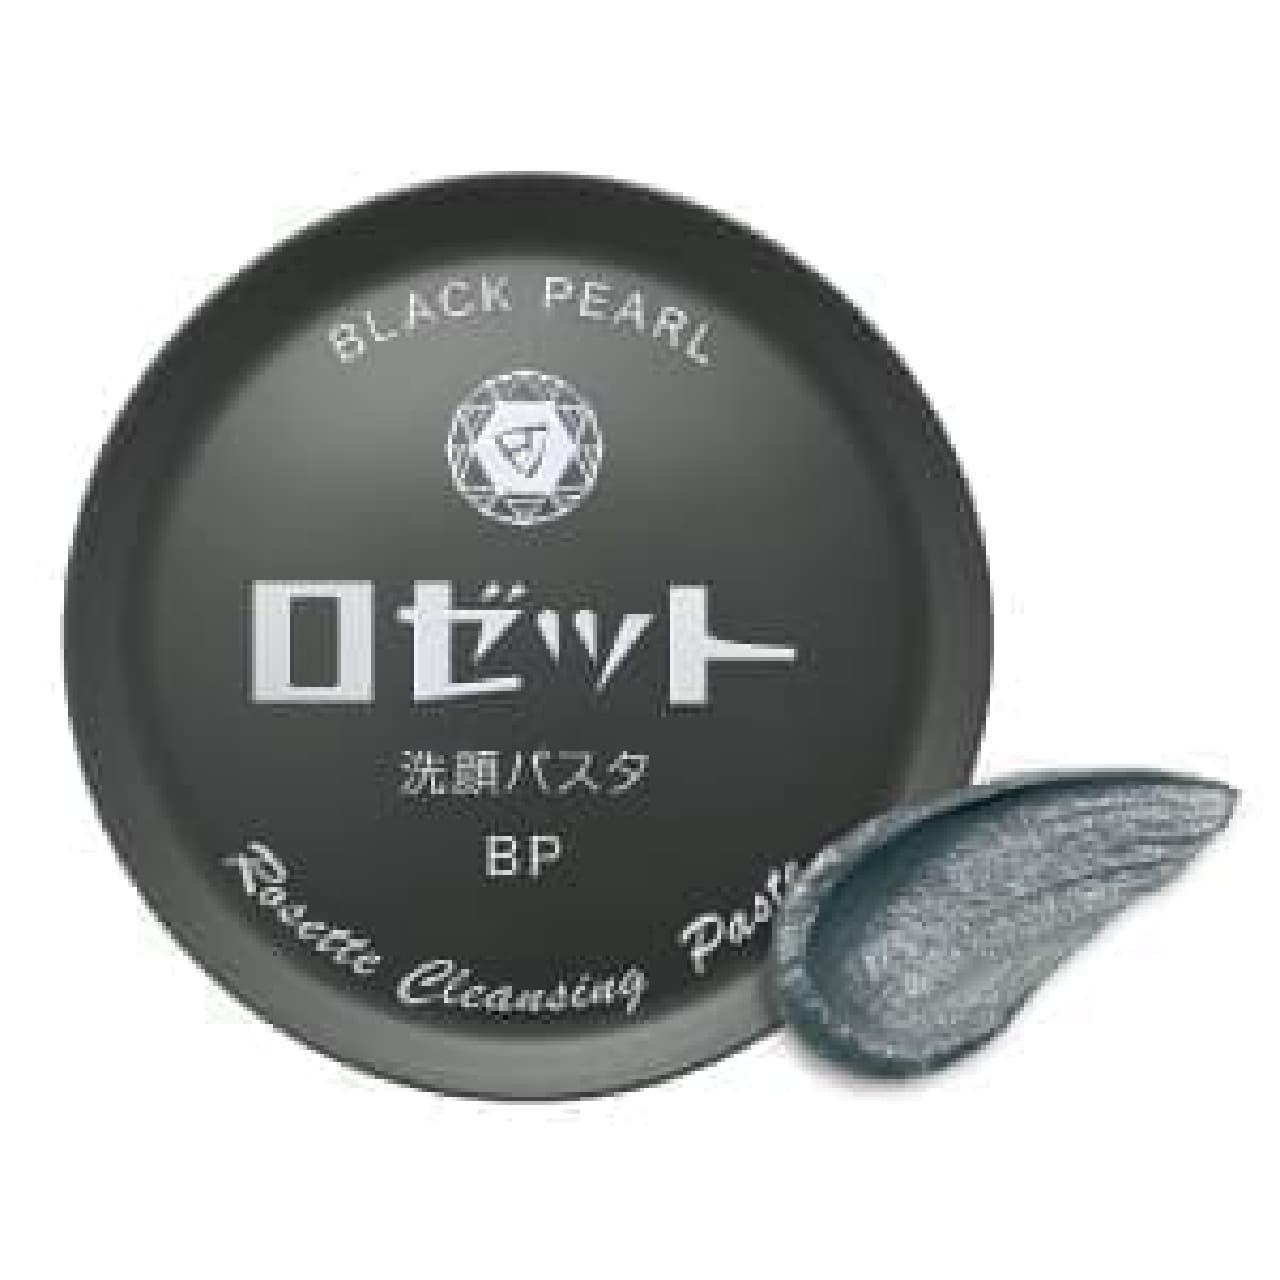 ロゼット洗顔パスタ ブラックパール